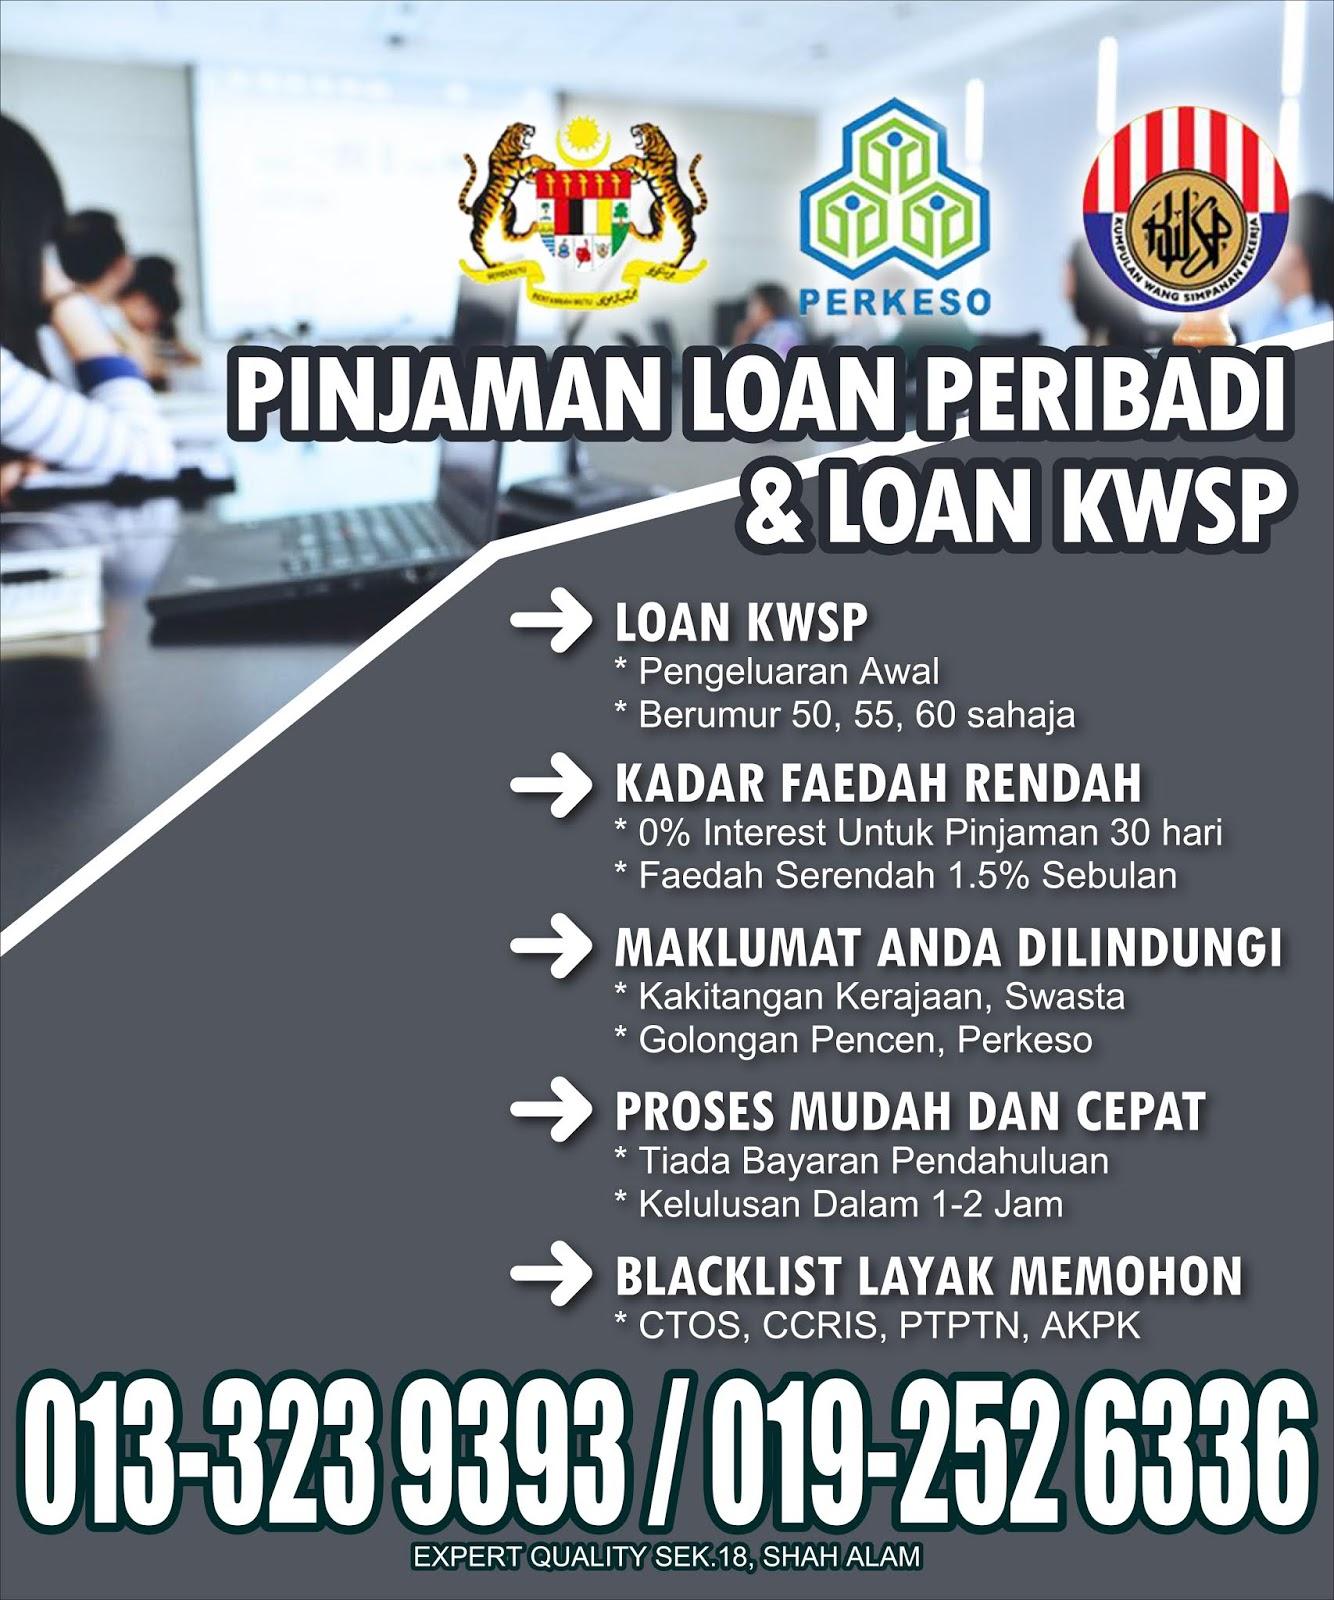 Pinjaman Kwsp Peribadi